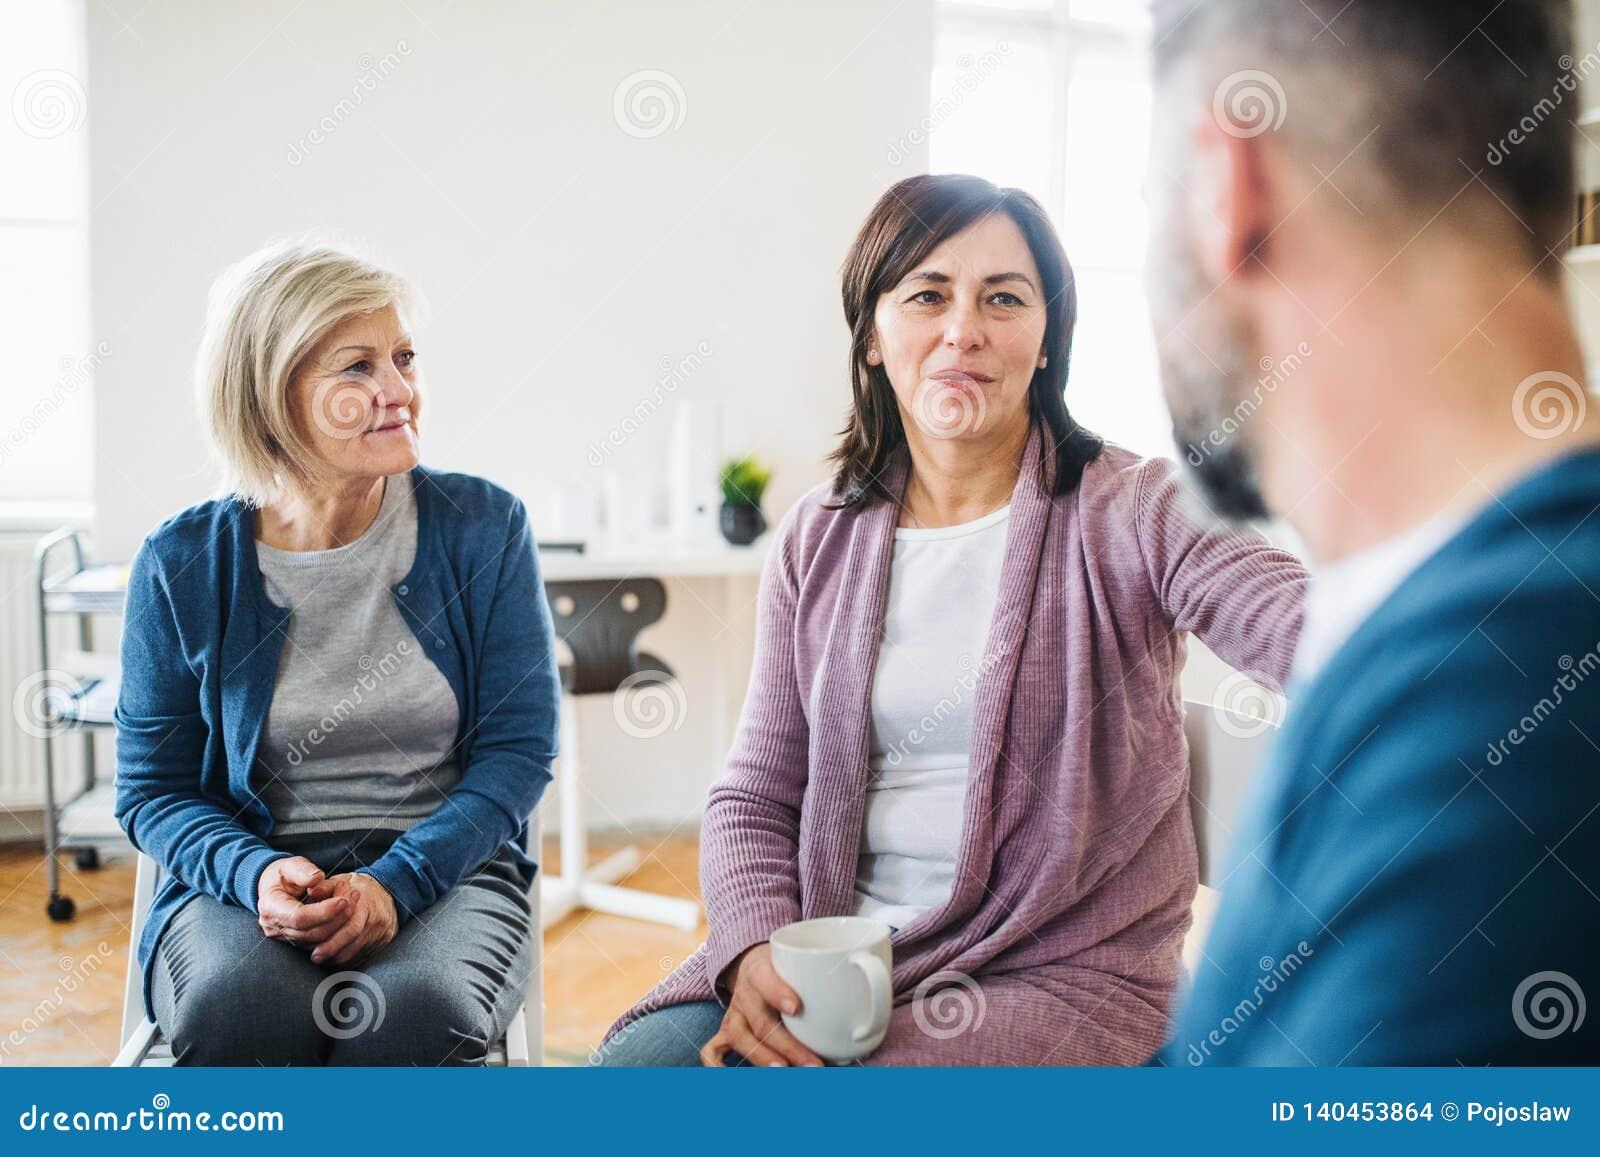 Люди и женщины сидя в круге во время терапии группы, поддерживая одина другого